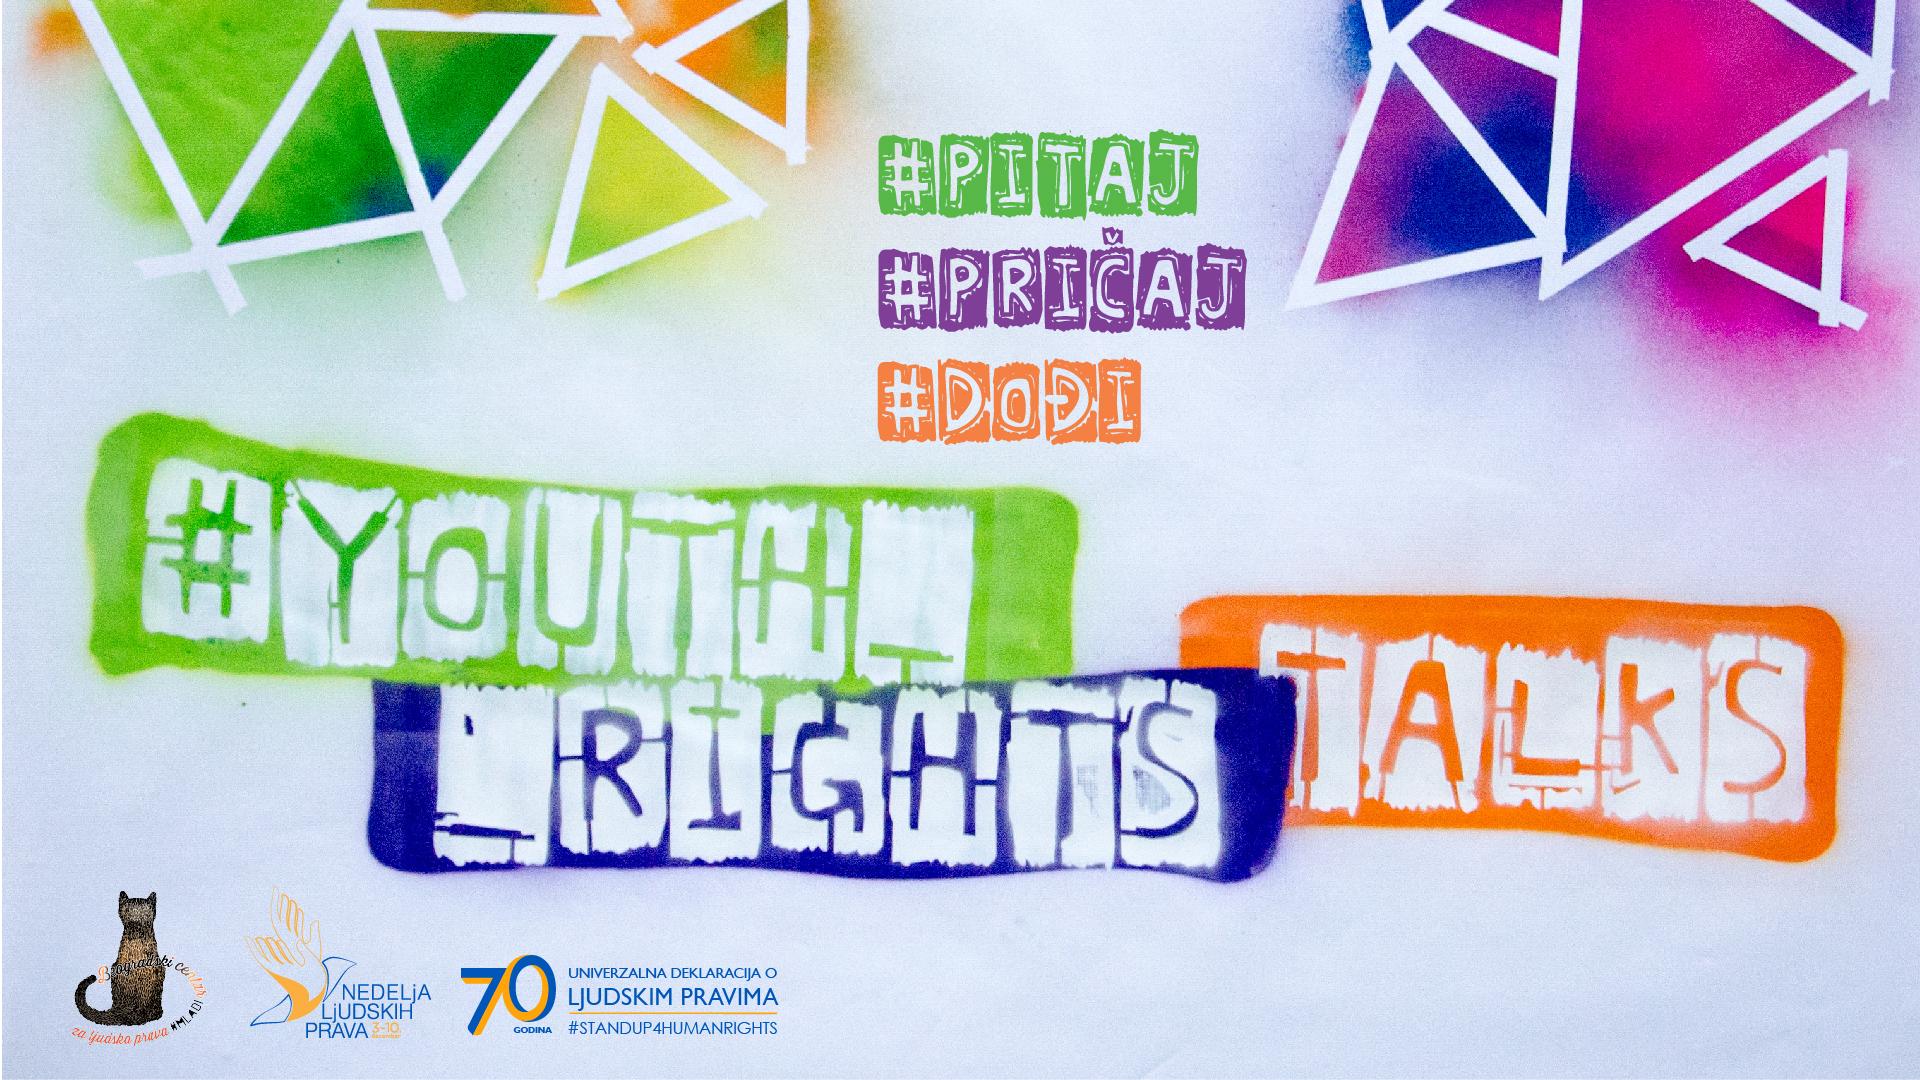 Youth Rights Talks 8. decembra u Ziri